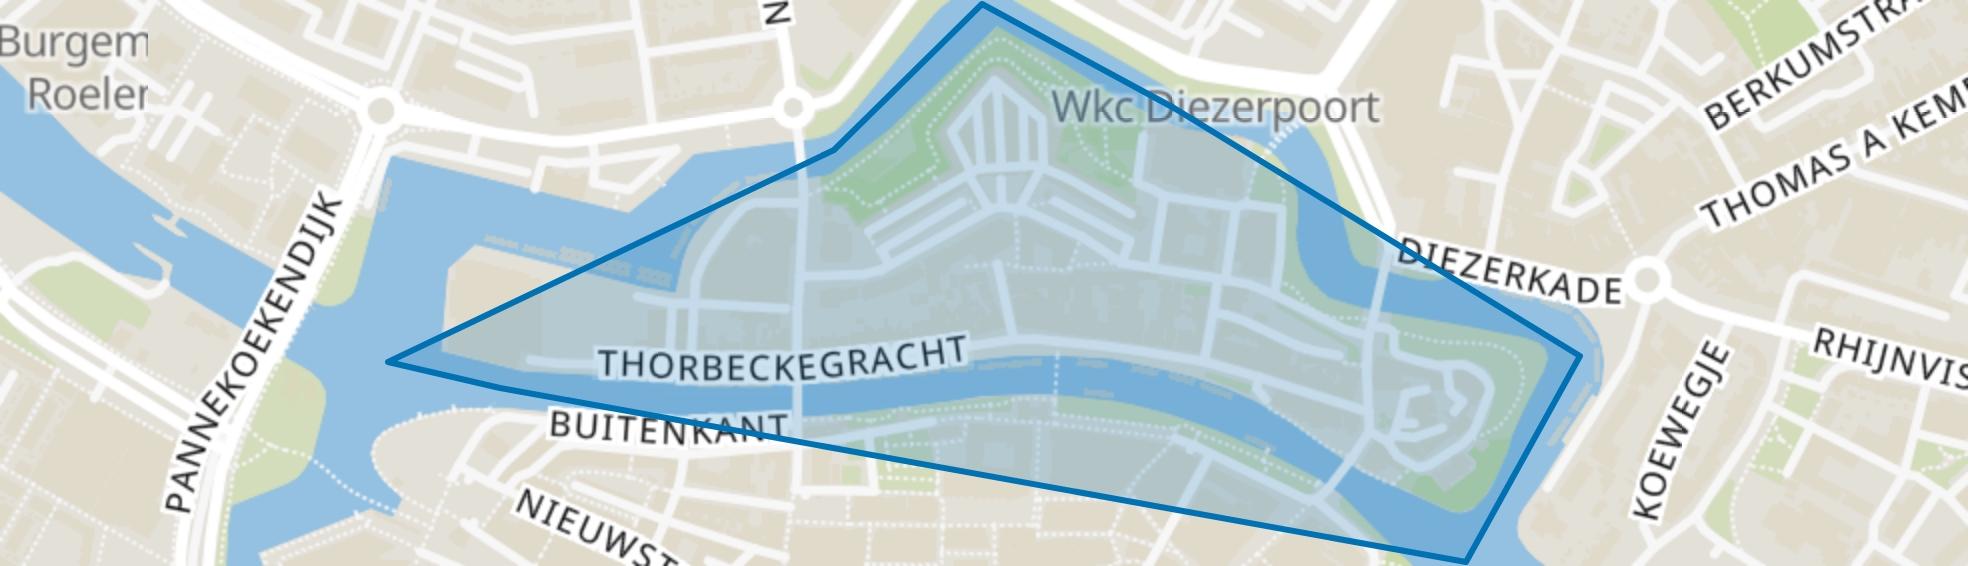 Noordereiland, Zwolle map